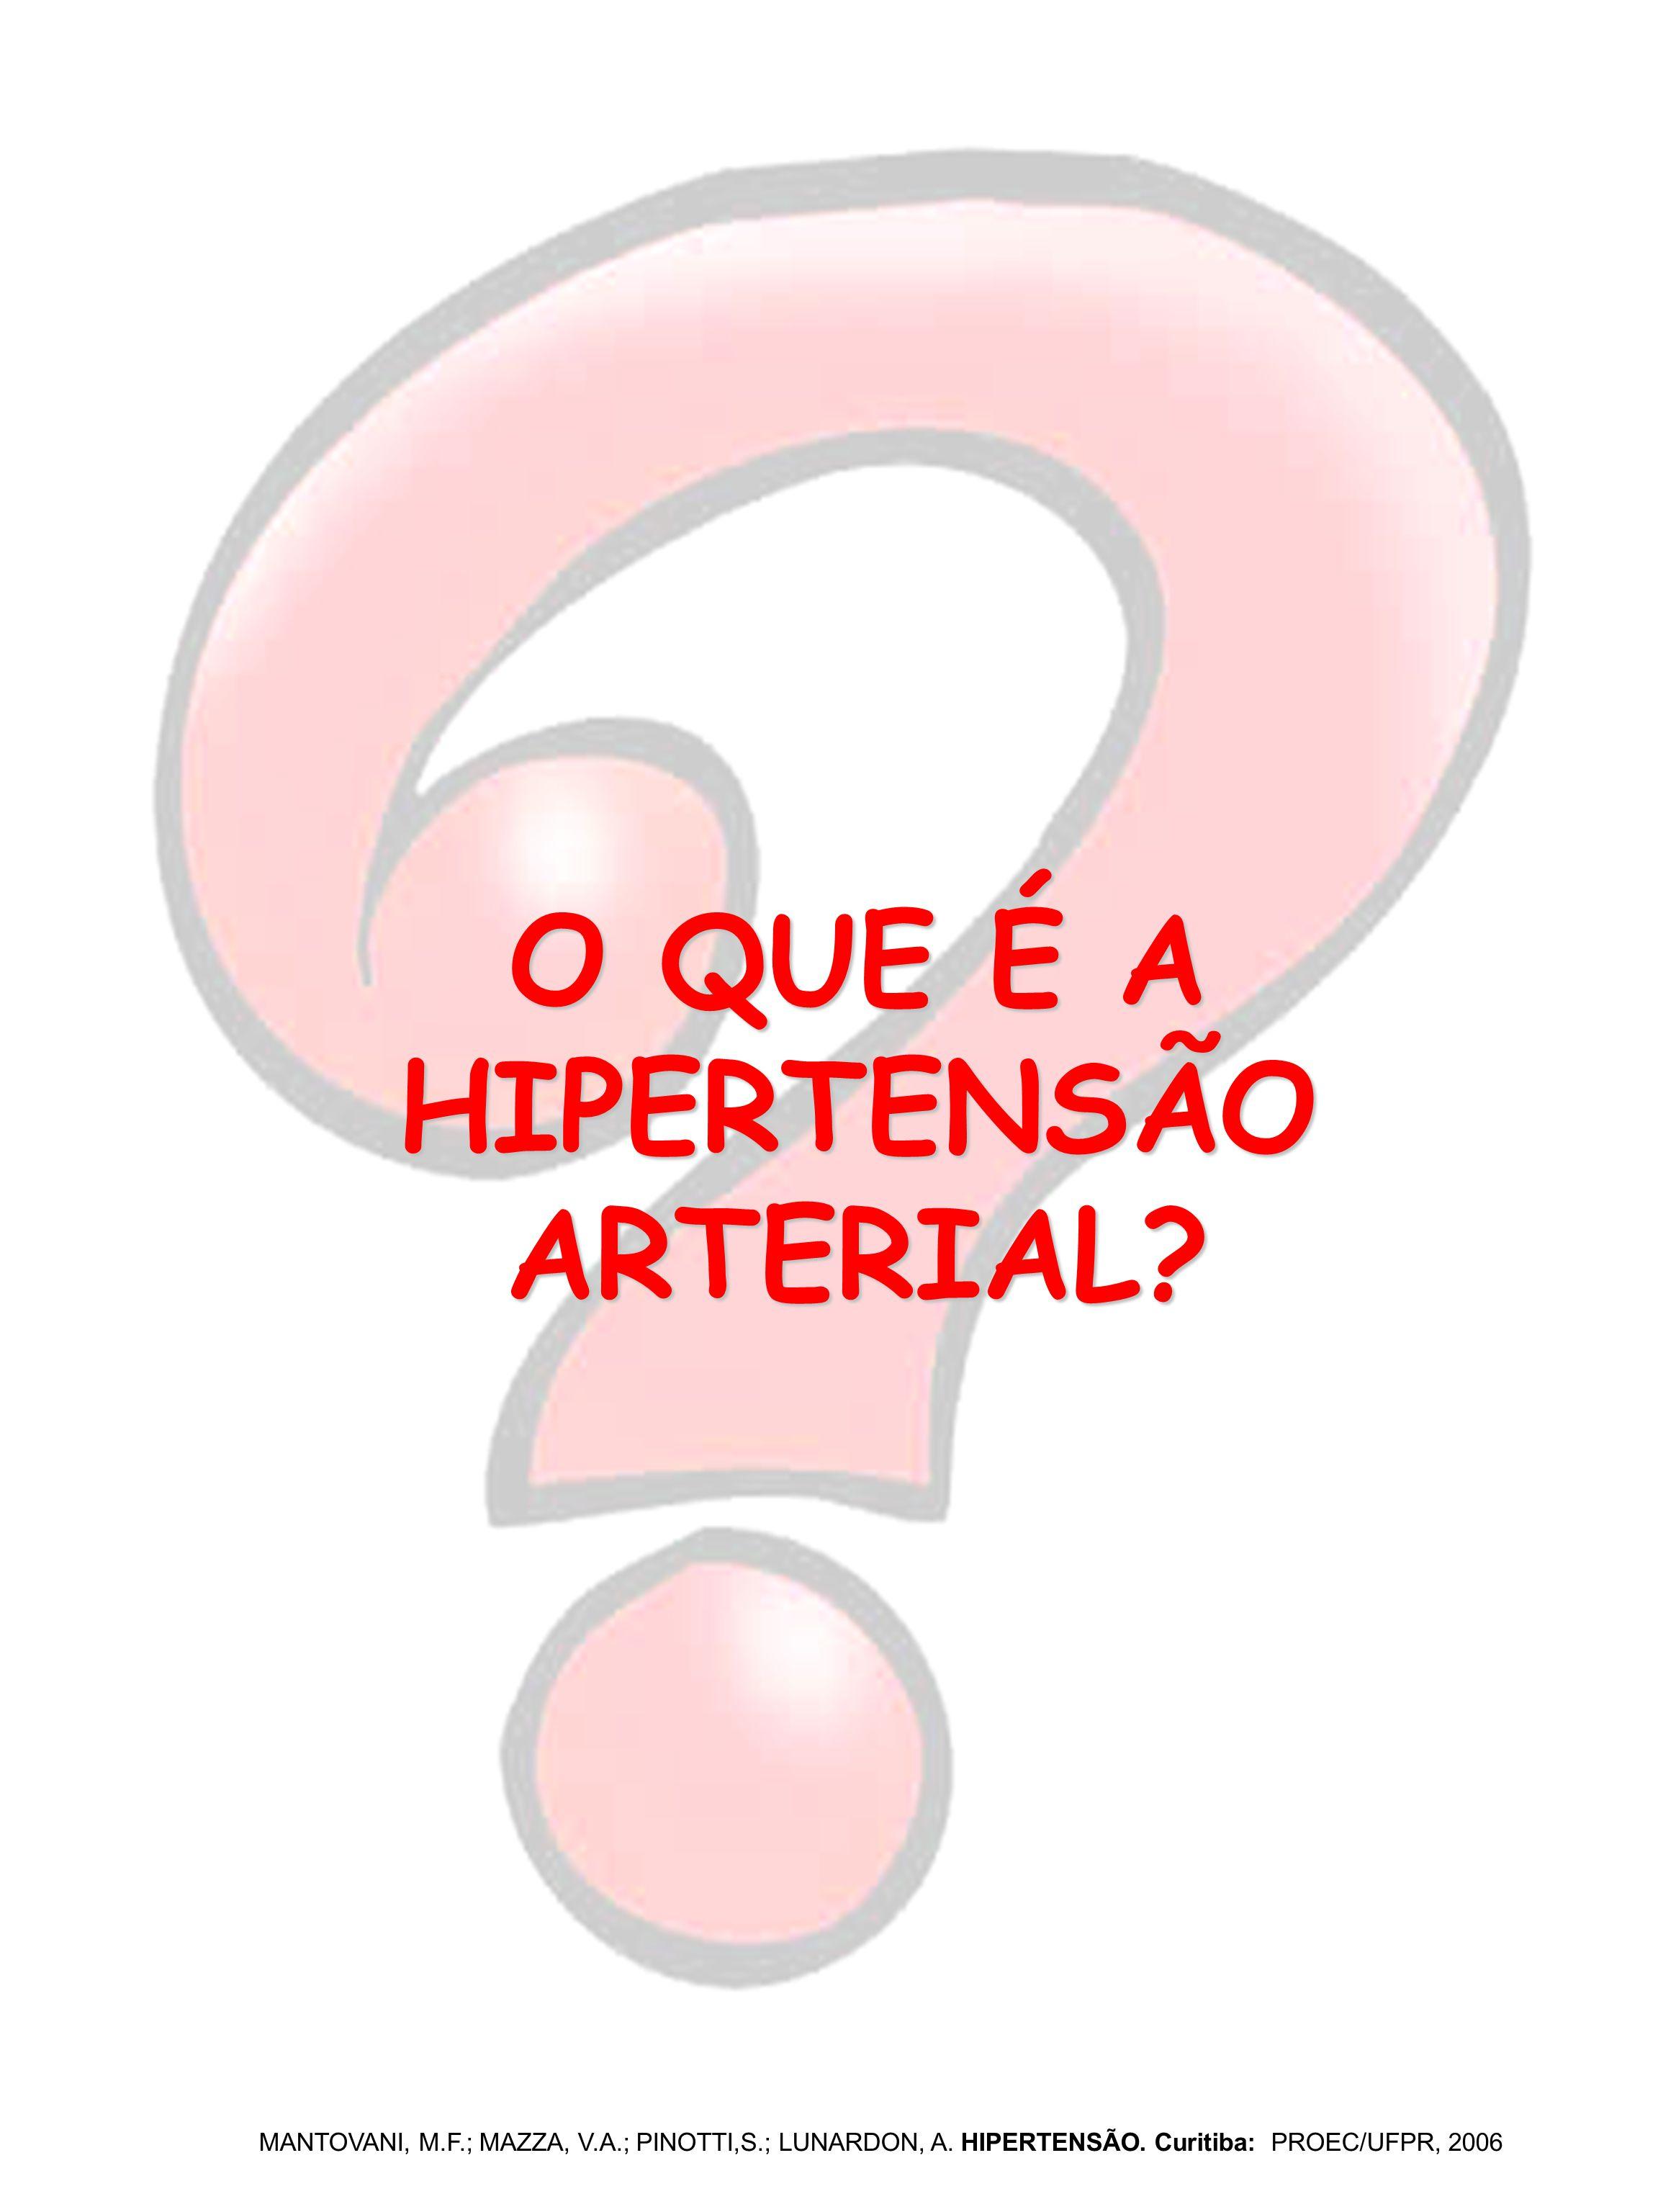 O QUE É A HIPERTENSÃO ARTERIAL? MANTOVANI, M.F.; MAZZA, V.A.; PINOTTI,S.; LUNARDON, A. HIPERTENSÃO. Curitiba: PROEC/UFPR, 2006